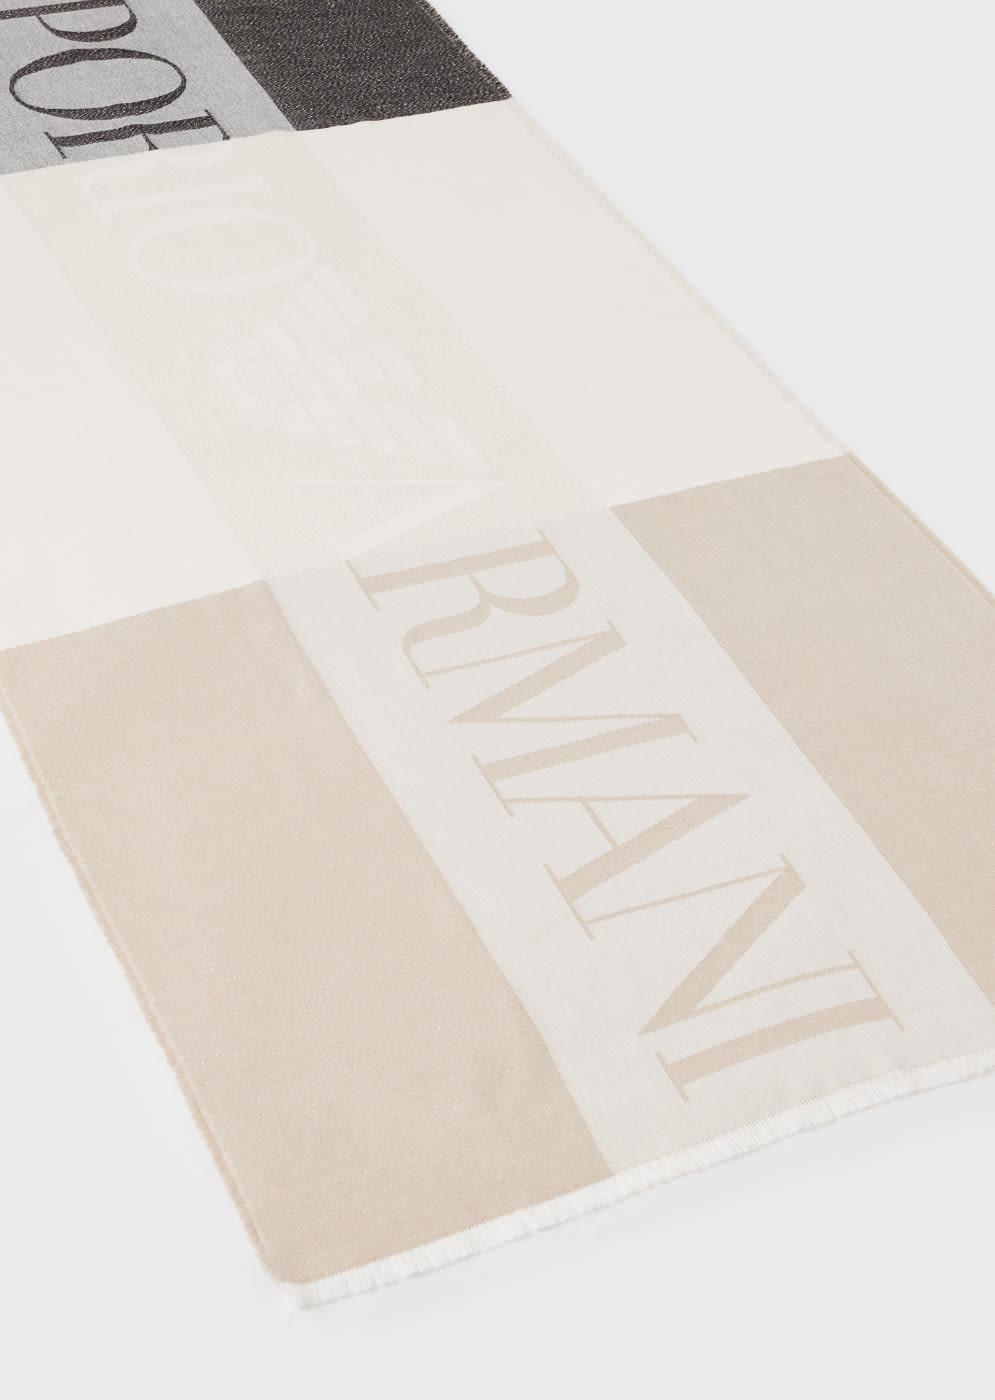 EMPORIO ARMANI foulard logotipo en camel y marrón